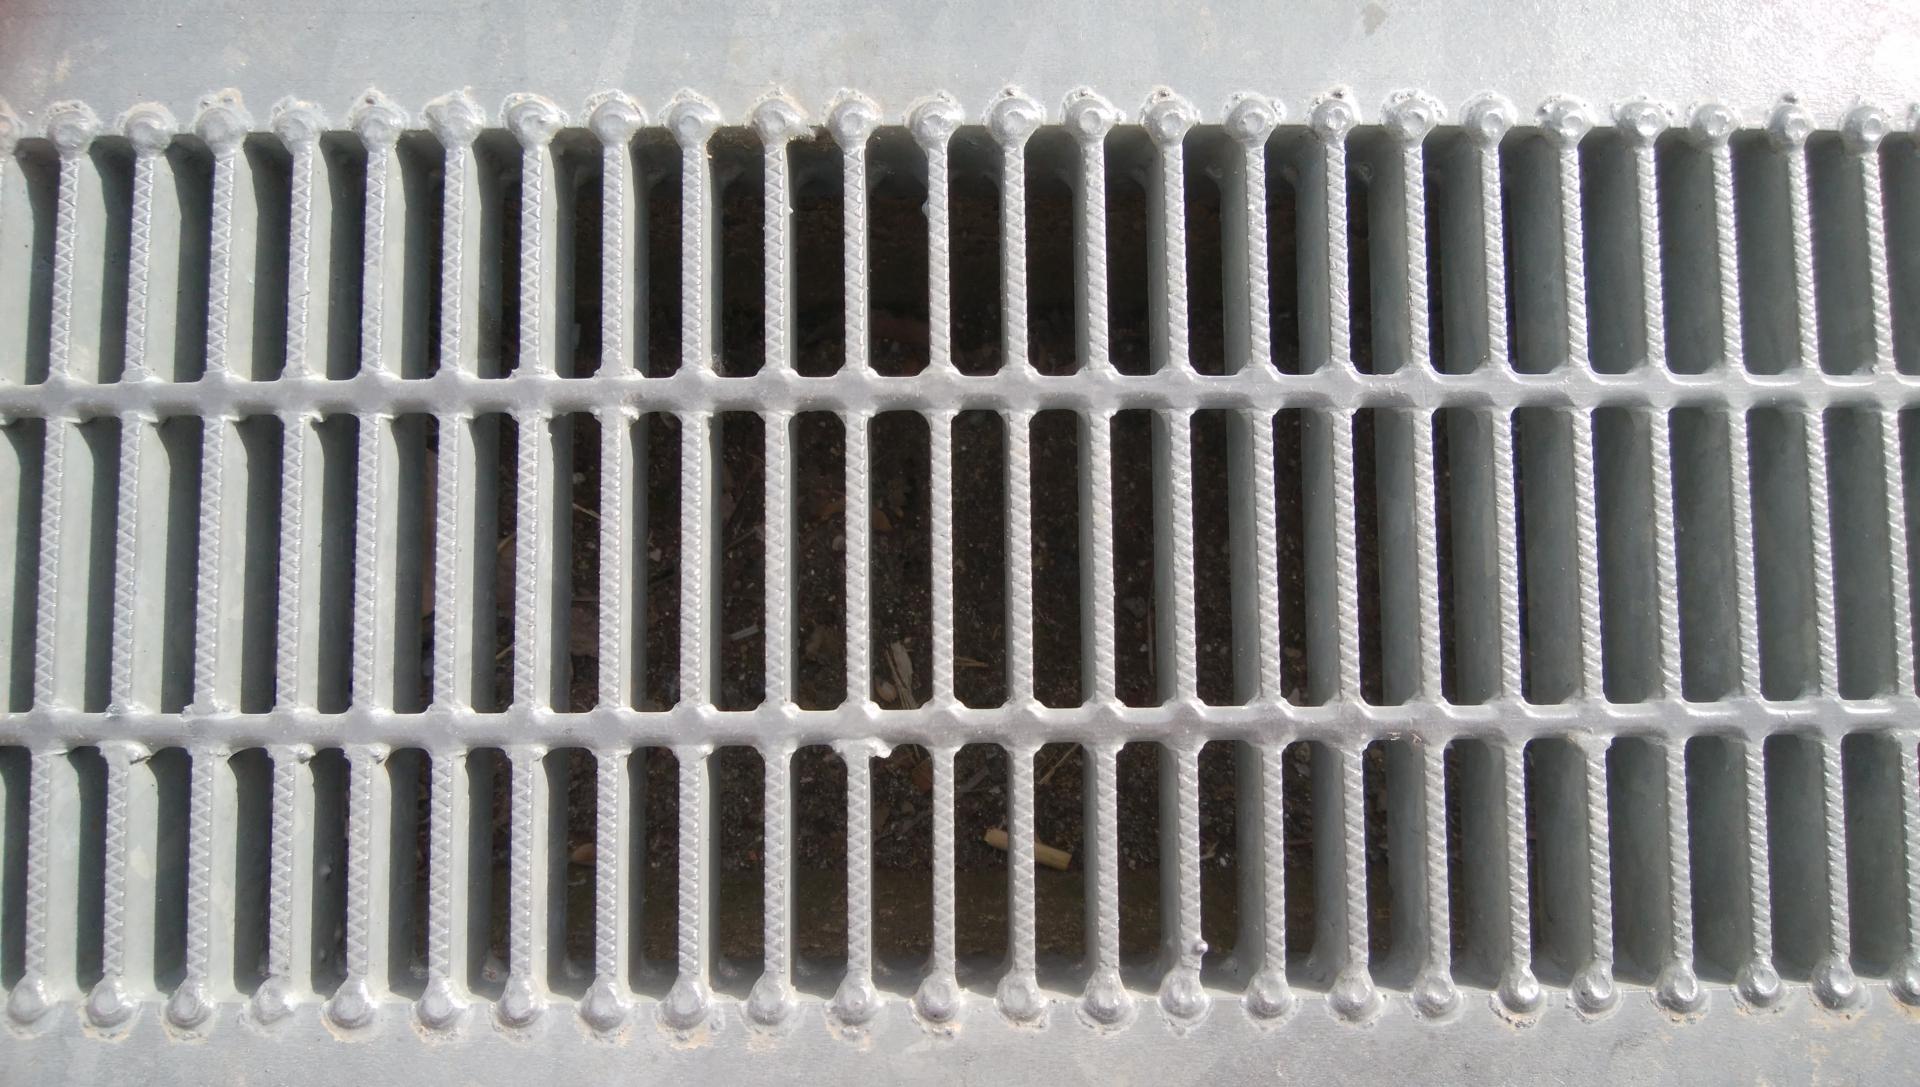 洗濯機の排水溝から臭いが!?臭う原因と対策、対処法について